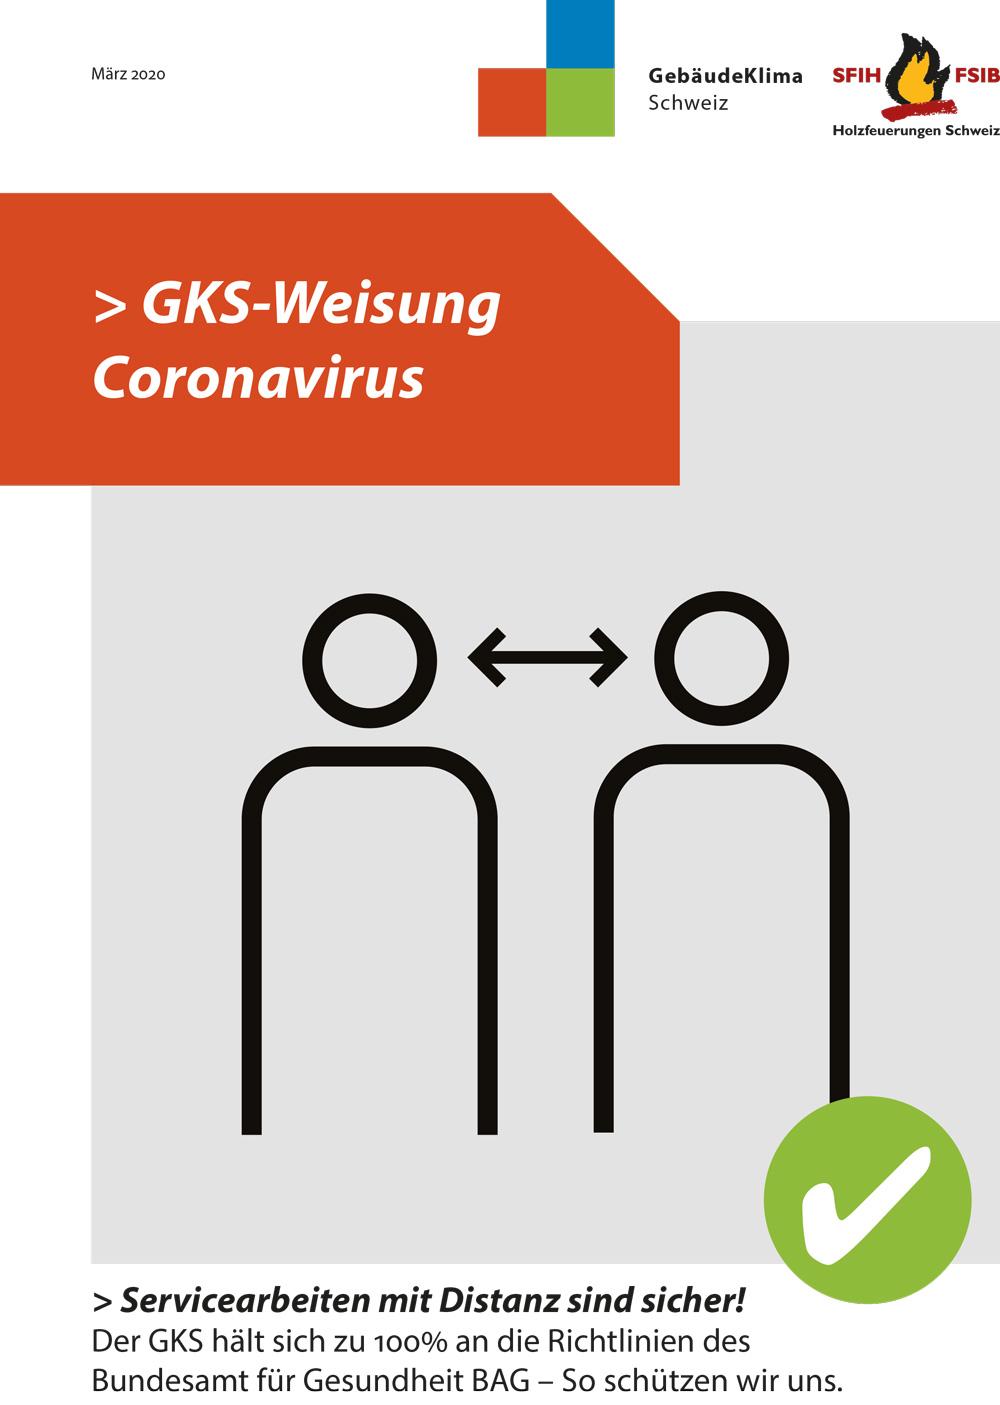 GKS Weisung Coronavirus